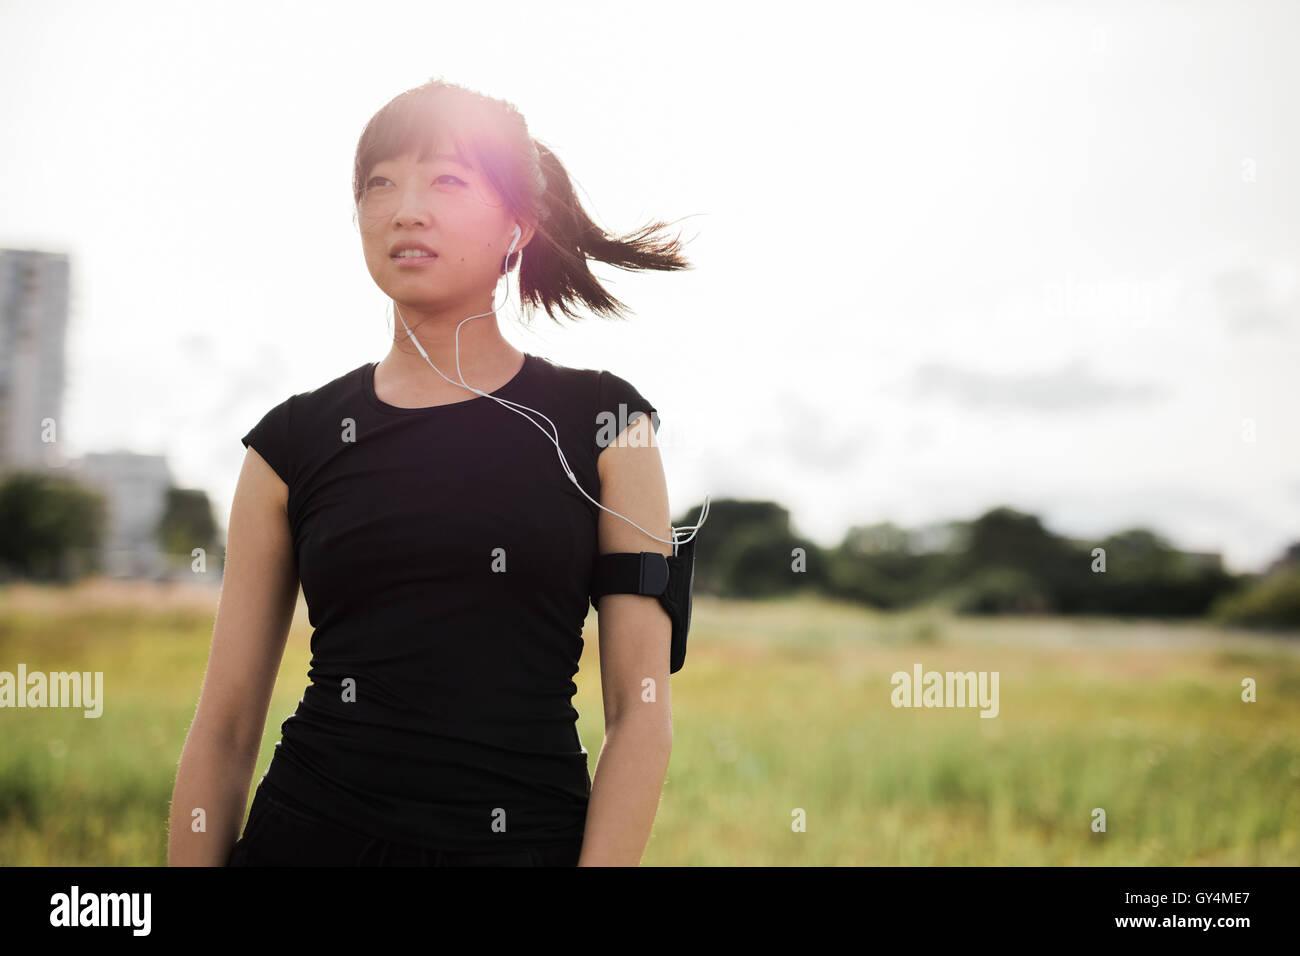 Schuss der junge Frau in Sportkleidung im Stadtpark am sonnigen Tag im Freien stehen und wegsehen. Chinesische weibliche Stockbild